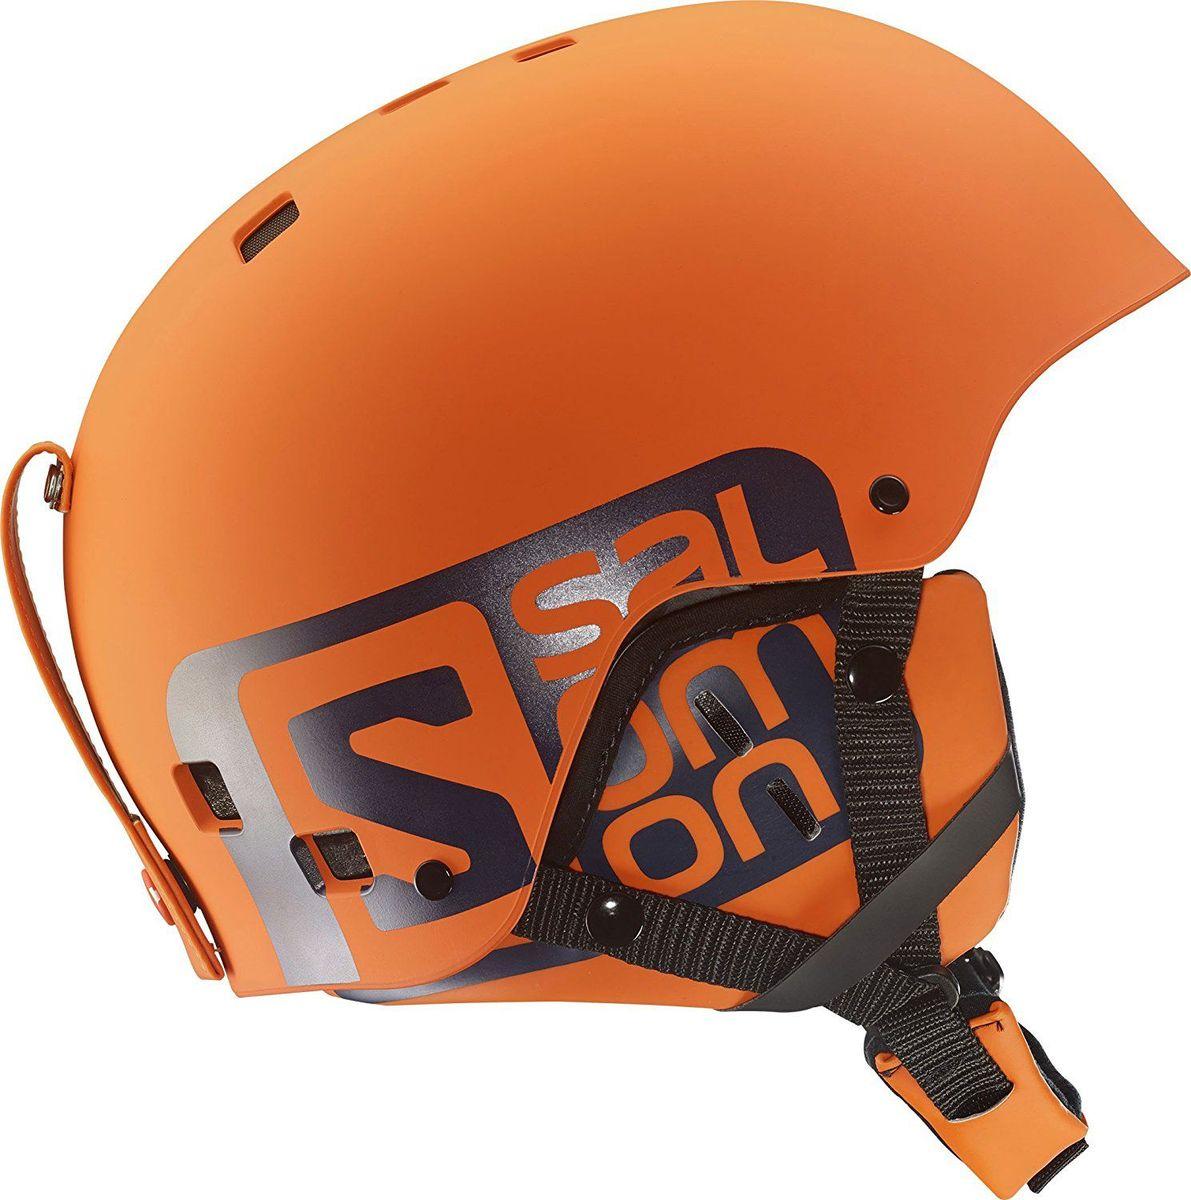 Шлем горнолыжный Salomon Helmet Brigade Orange Matt. Размер XL (59/60)L37776300Горнолыжный шлем с литой внешней прочной поверхностью и съемными накладками на уши. Внутренний слой из вспененного материала ABS+EPS особой формы отлично поглощает как прямые удары, так и угловые. Стреп на подбородок выполнен из мягкого текстиля и оснащен застежкой-защелкой.Съемная подкладка, которую можно стирать при необходимости.